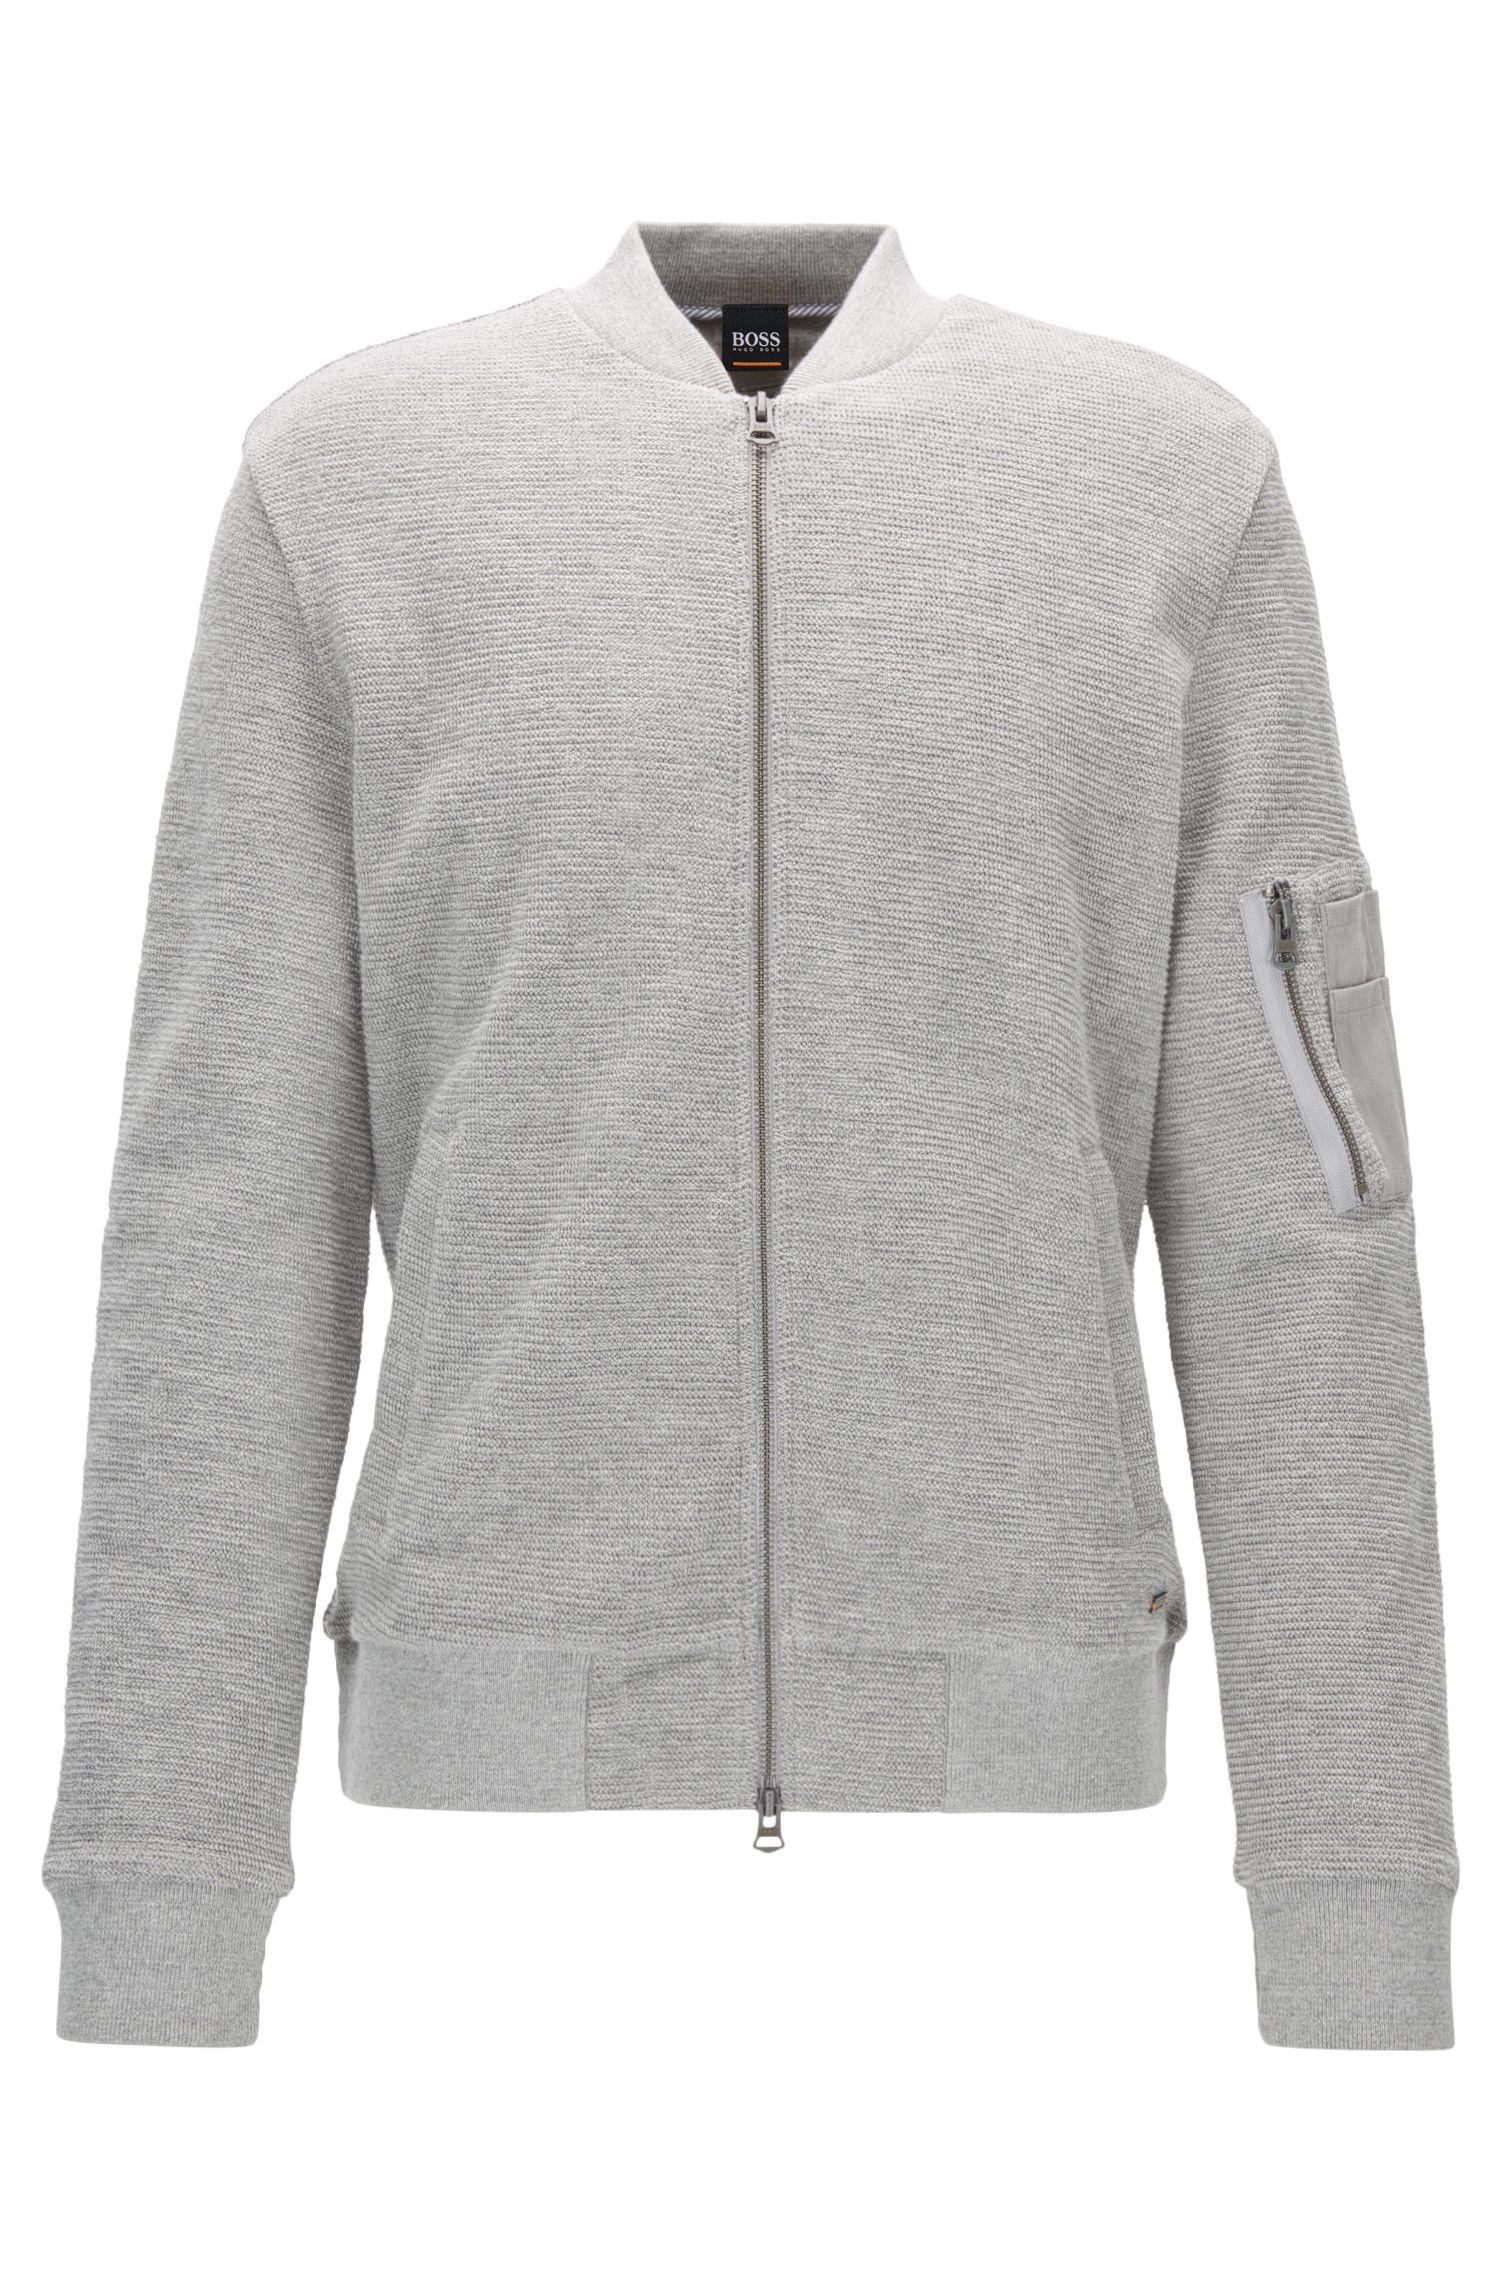 Sweatshirt in een katoenjacquard in bomberstijl